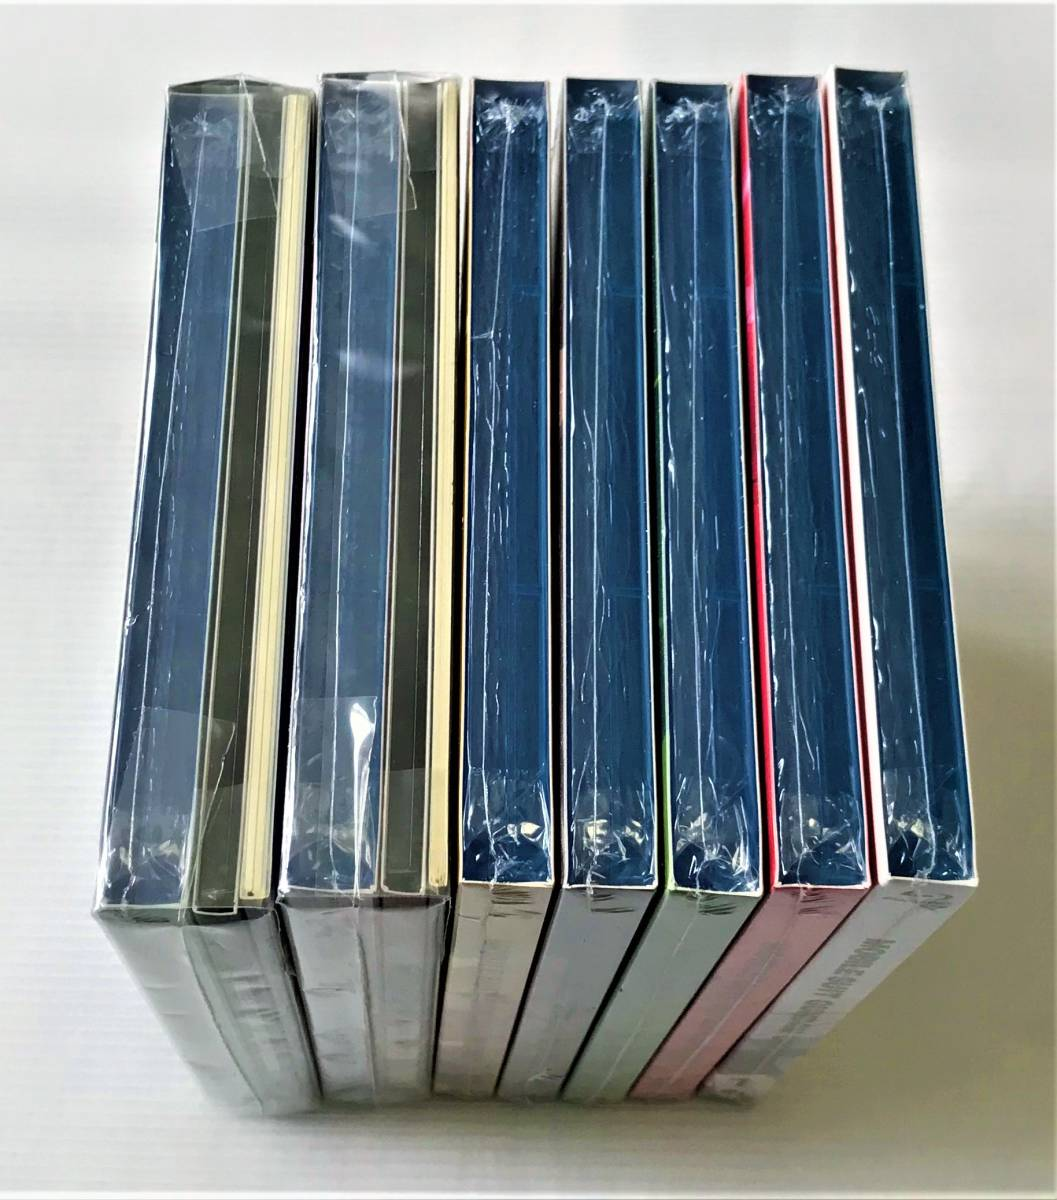 ◎新品◎ 初回限定版 機動戦士ガンダムUC Blu-ray 全7巻セット   MOBILE SUIT GUNDAM UNICORN ユニコーン BD ブルーレイ_画像5